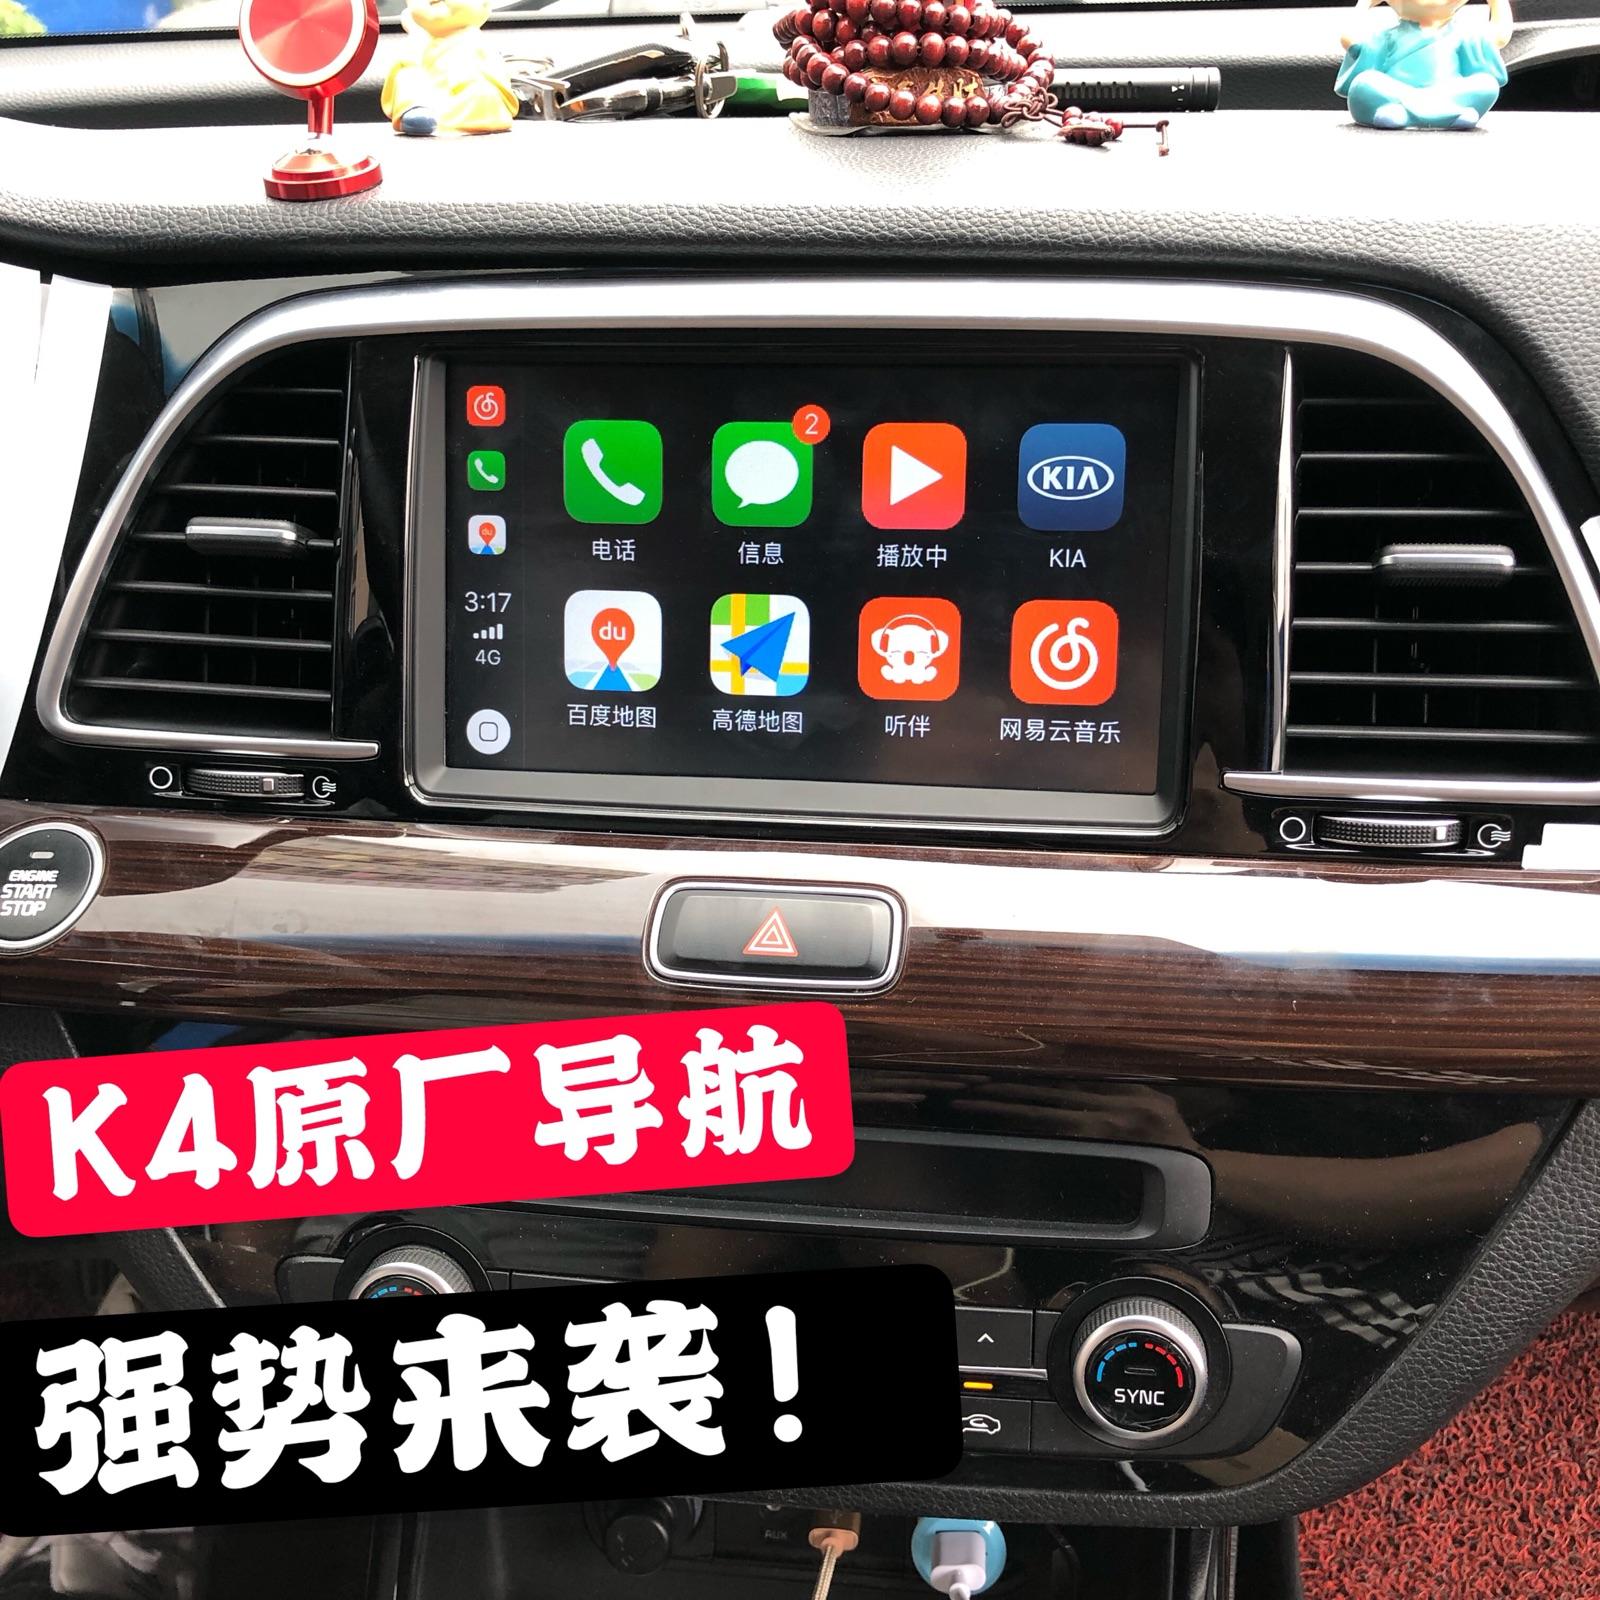 起亚k4中控原厂显示屏智能车载大屏